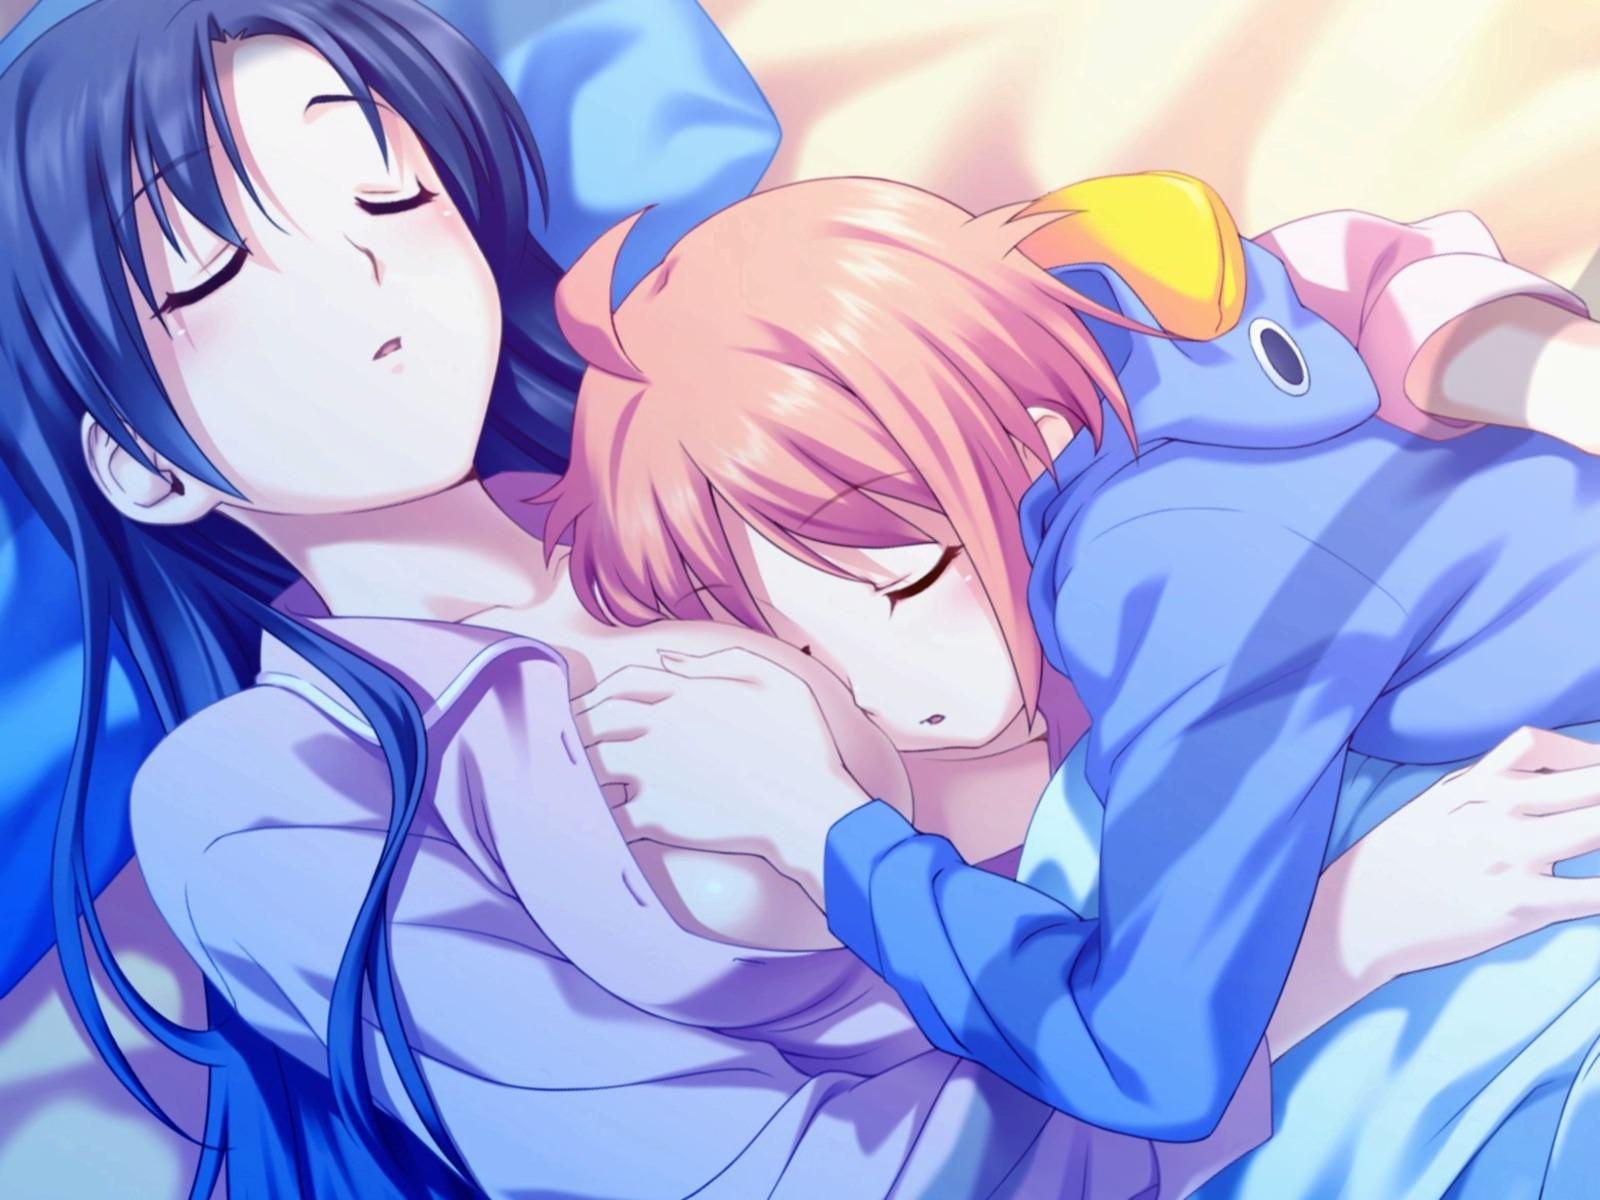 Фото Девчонка уснула на голой груди старшей подруги, спит на сиськах, скачать картинку бесплатно